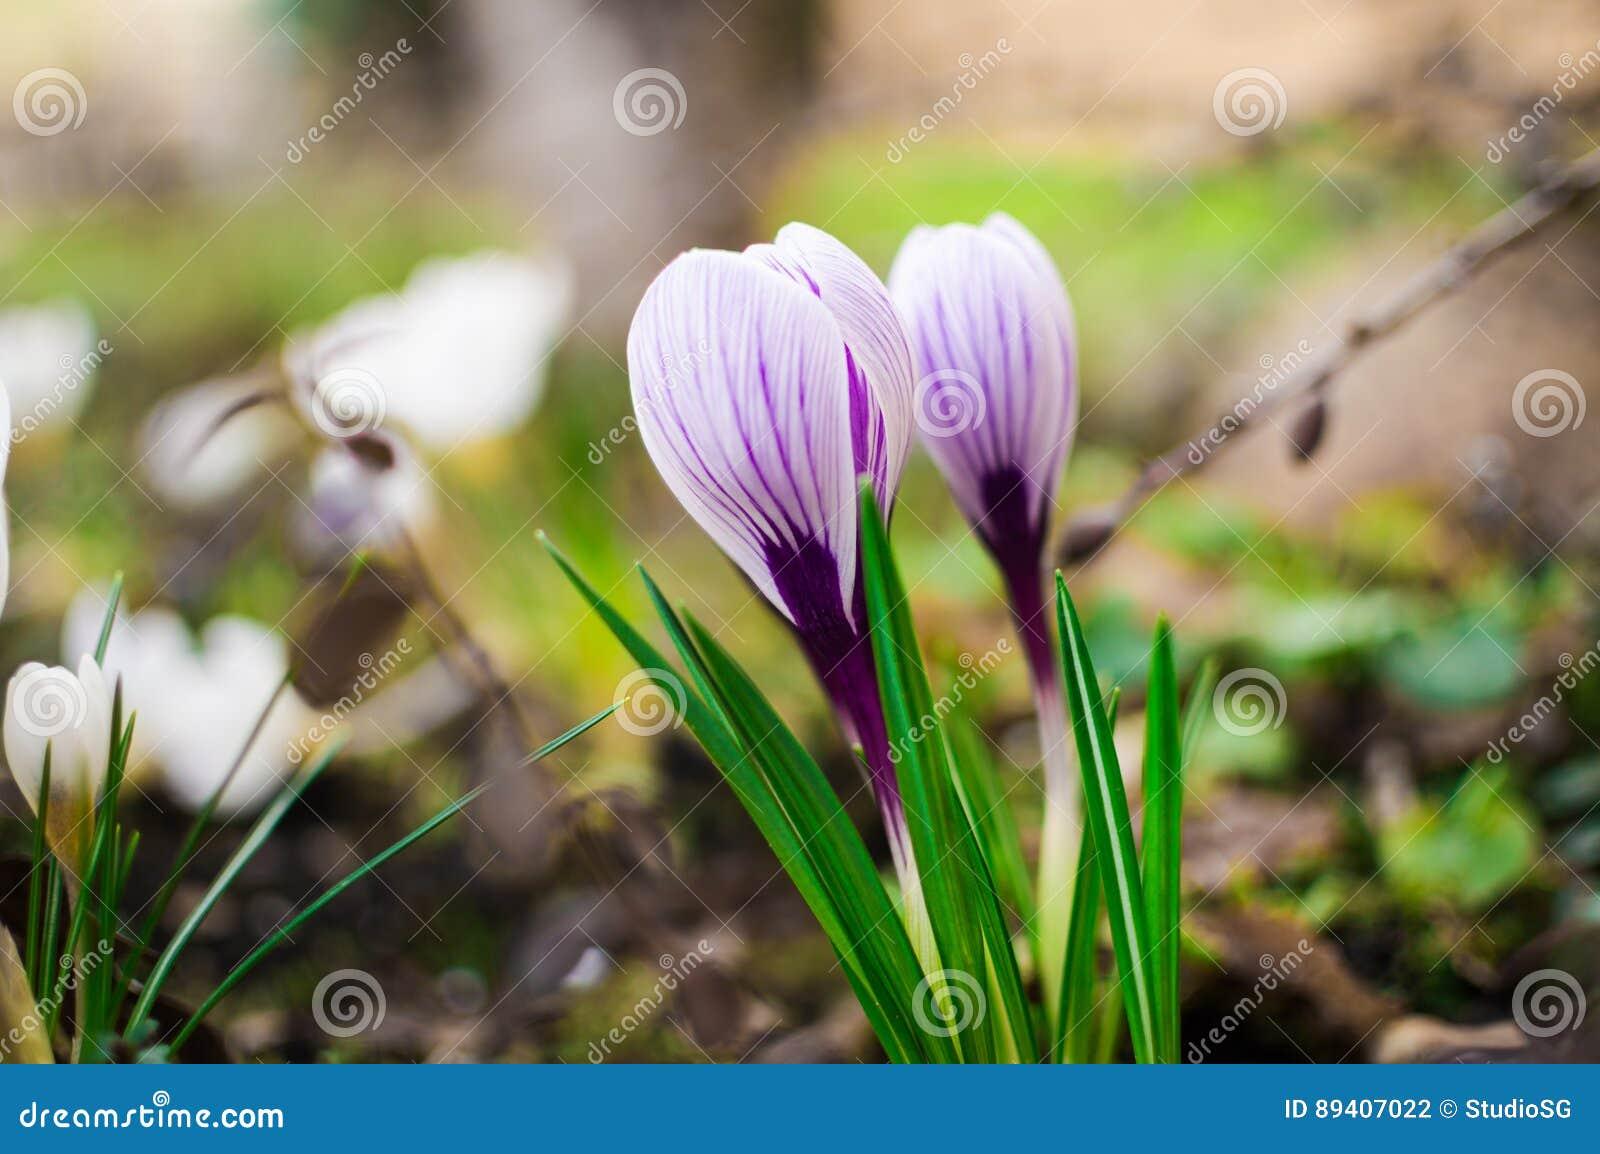 e80aa542b530 Blommande lila krokus tulpan för fjäder för fokus för blomma för  bakgrundskant avlägsen